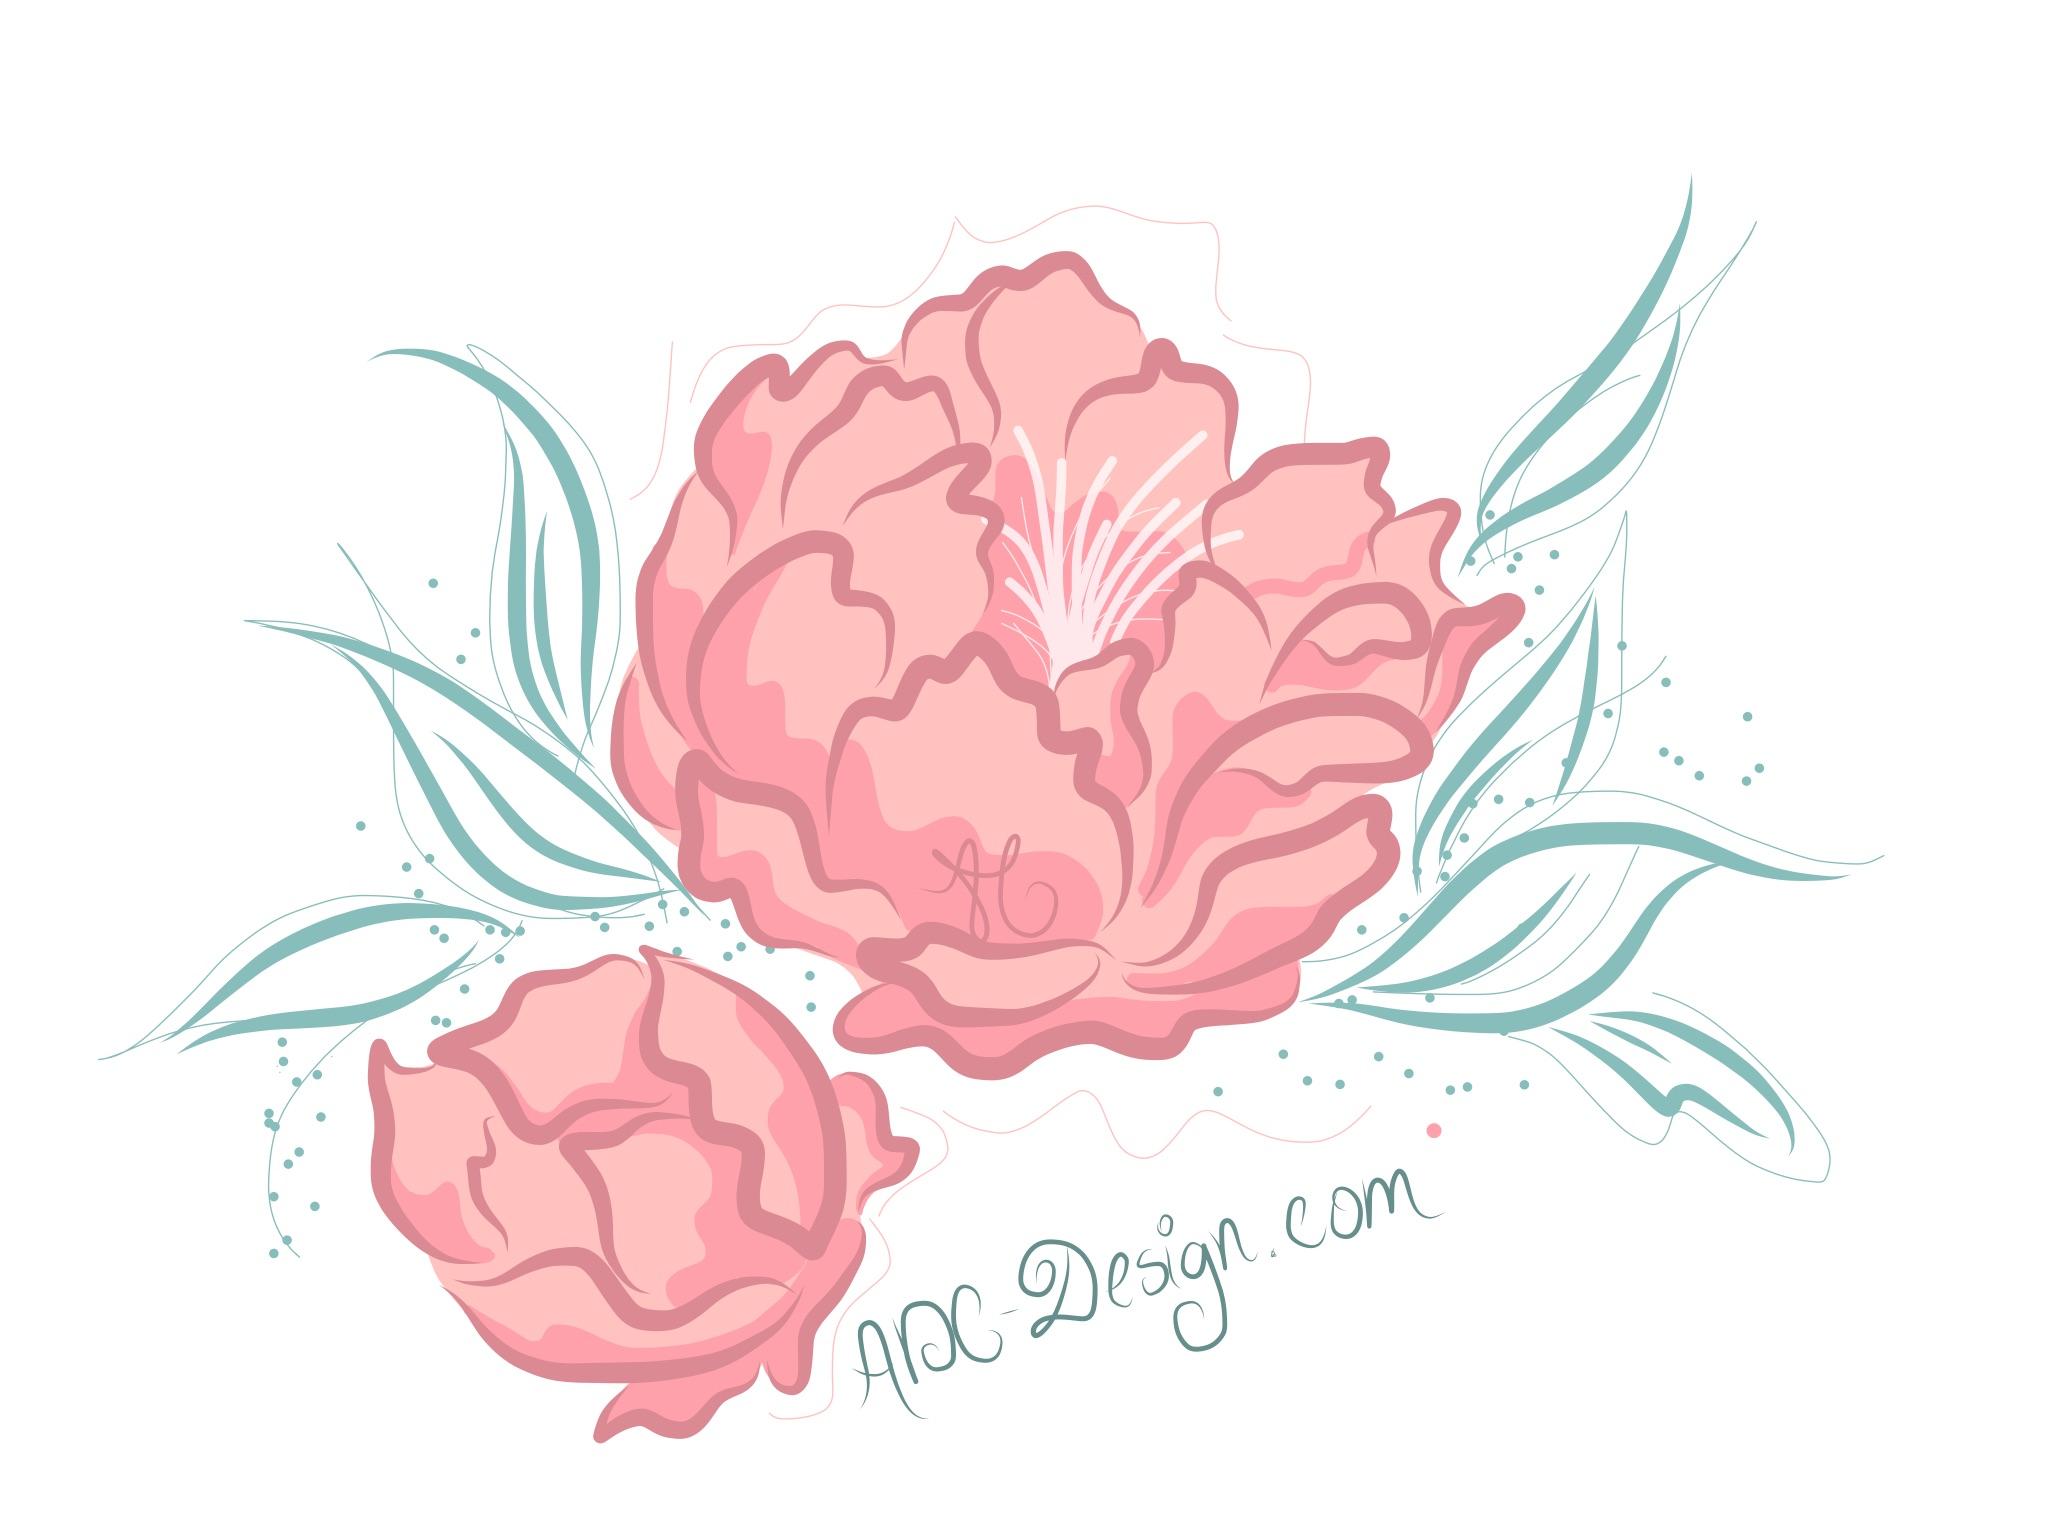 using Adobe Illustrator Draw